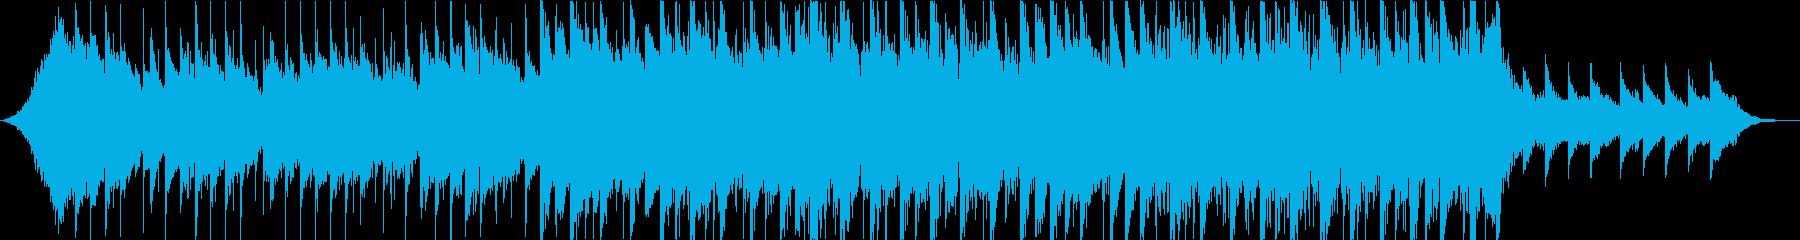 企業VP・希望・エレクトロ 30秒版の再生済みの波形